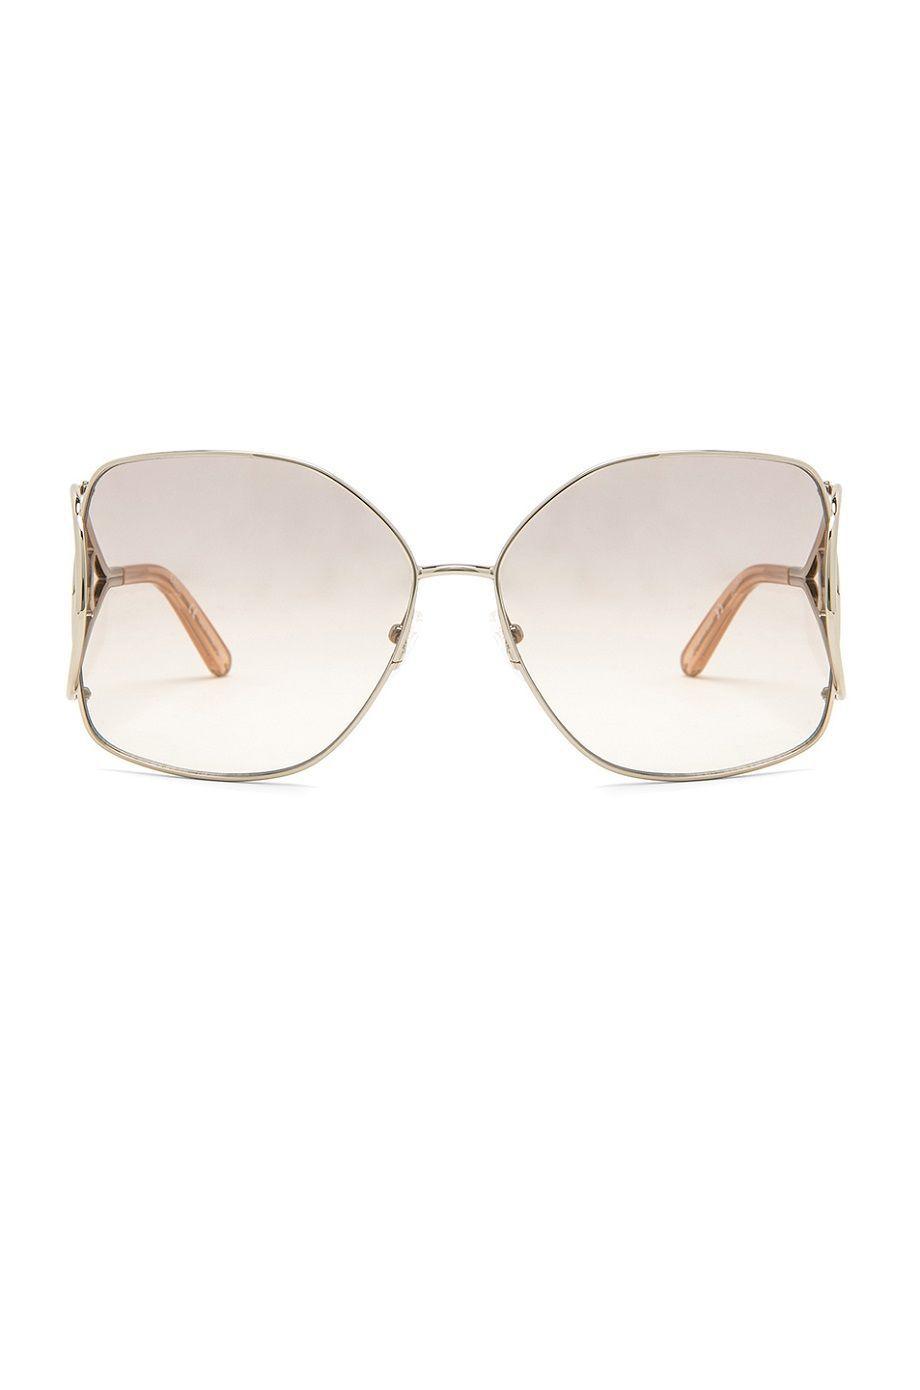 Tampil Beda, Ini Lho 6 Model Kacamata Unik yang Bisa Kamu Pilih